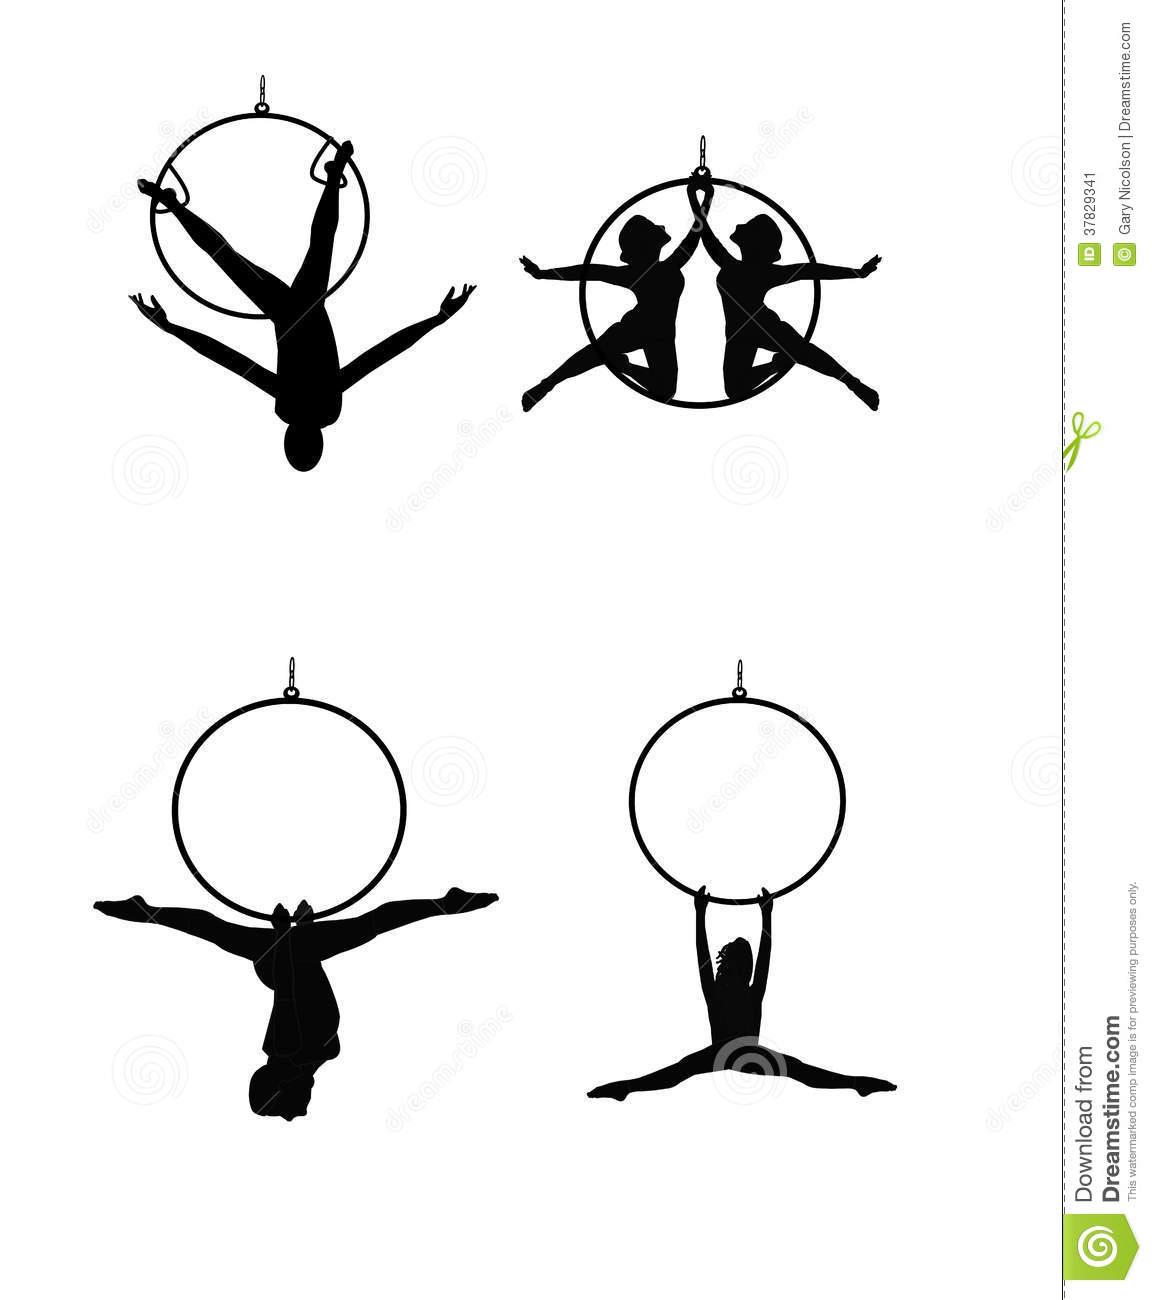 Aerial Silks Clipart.